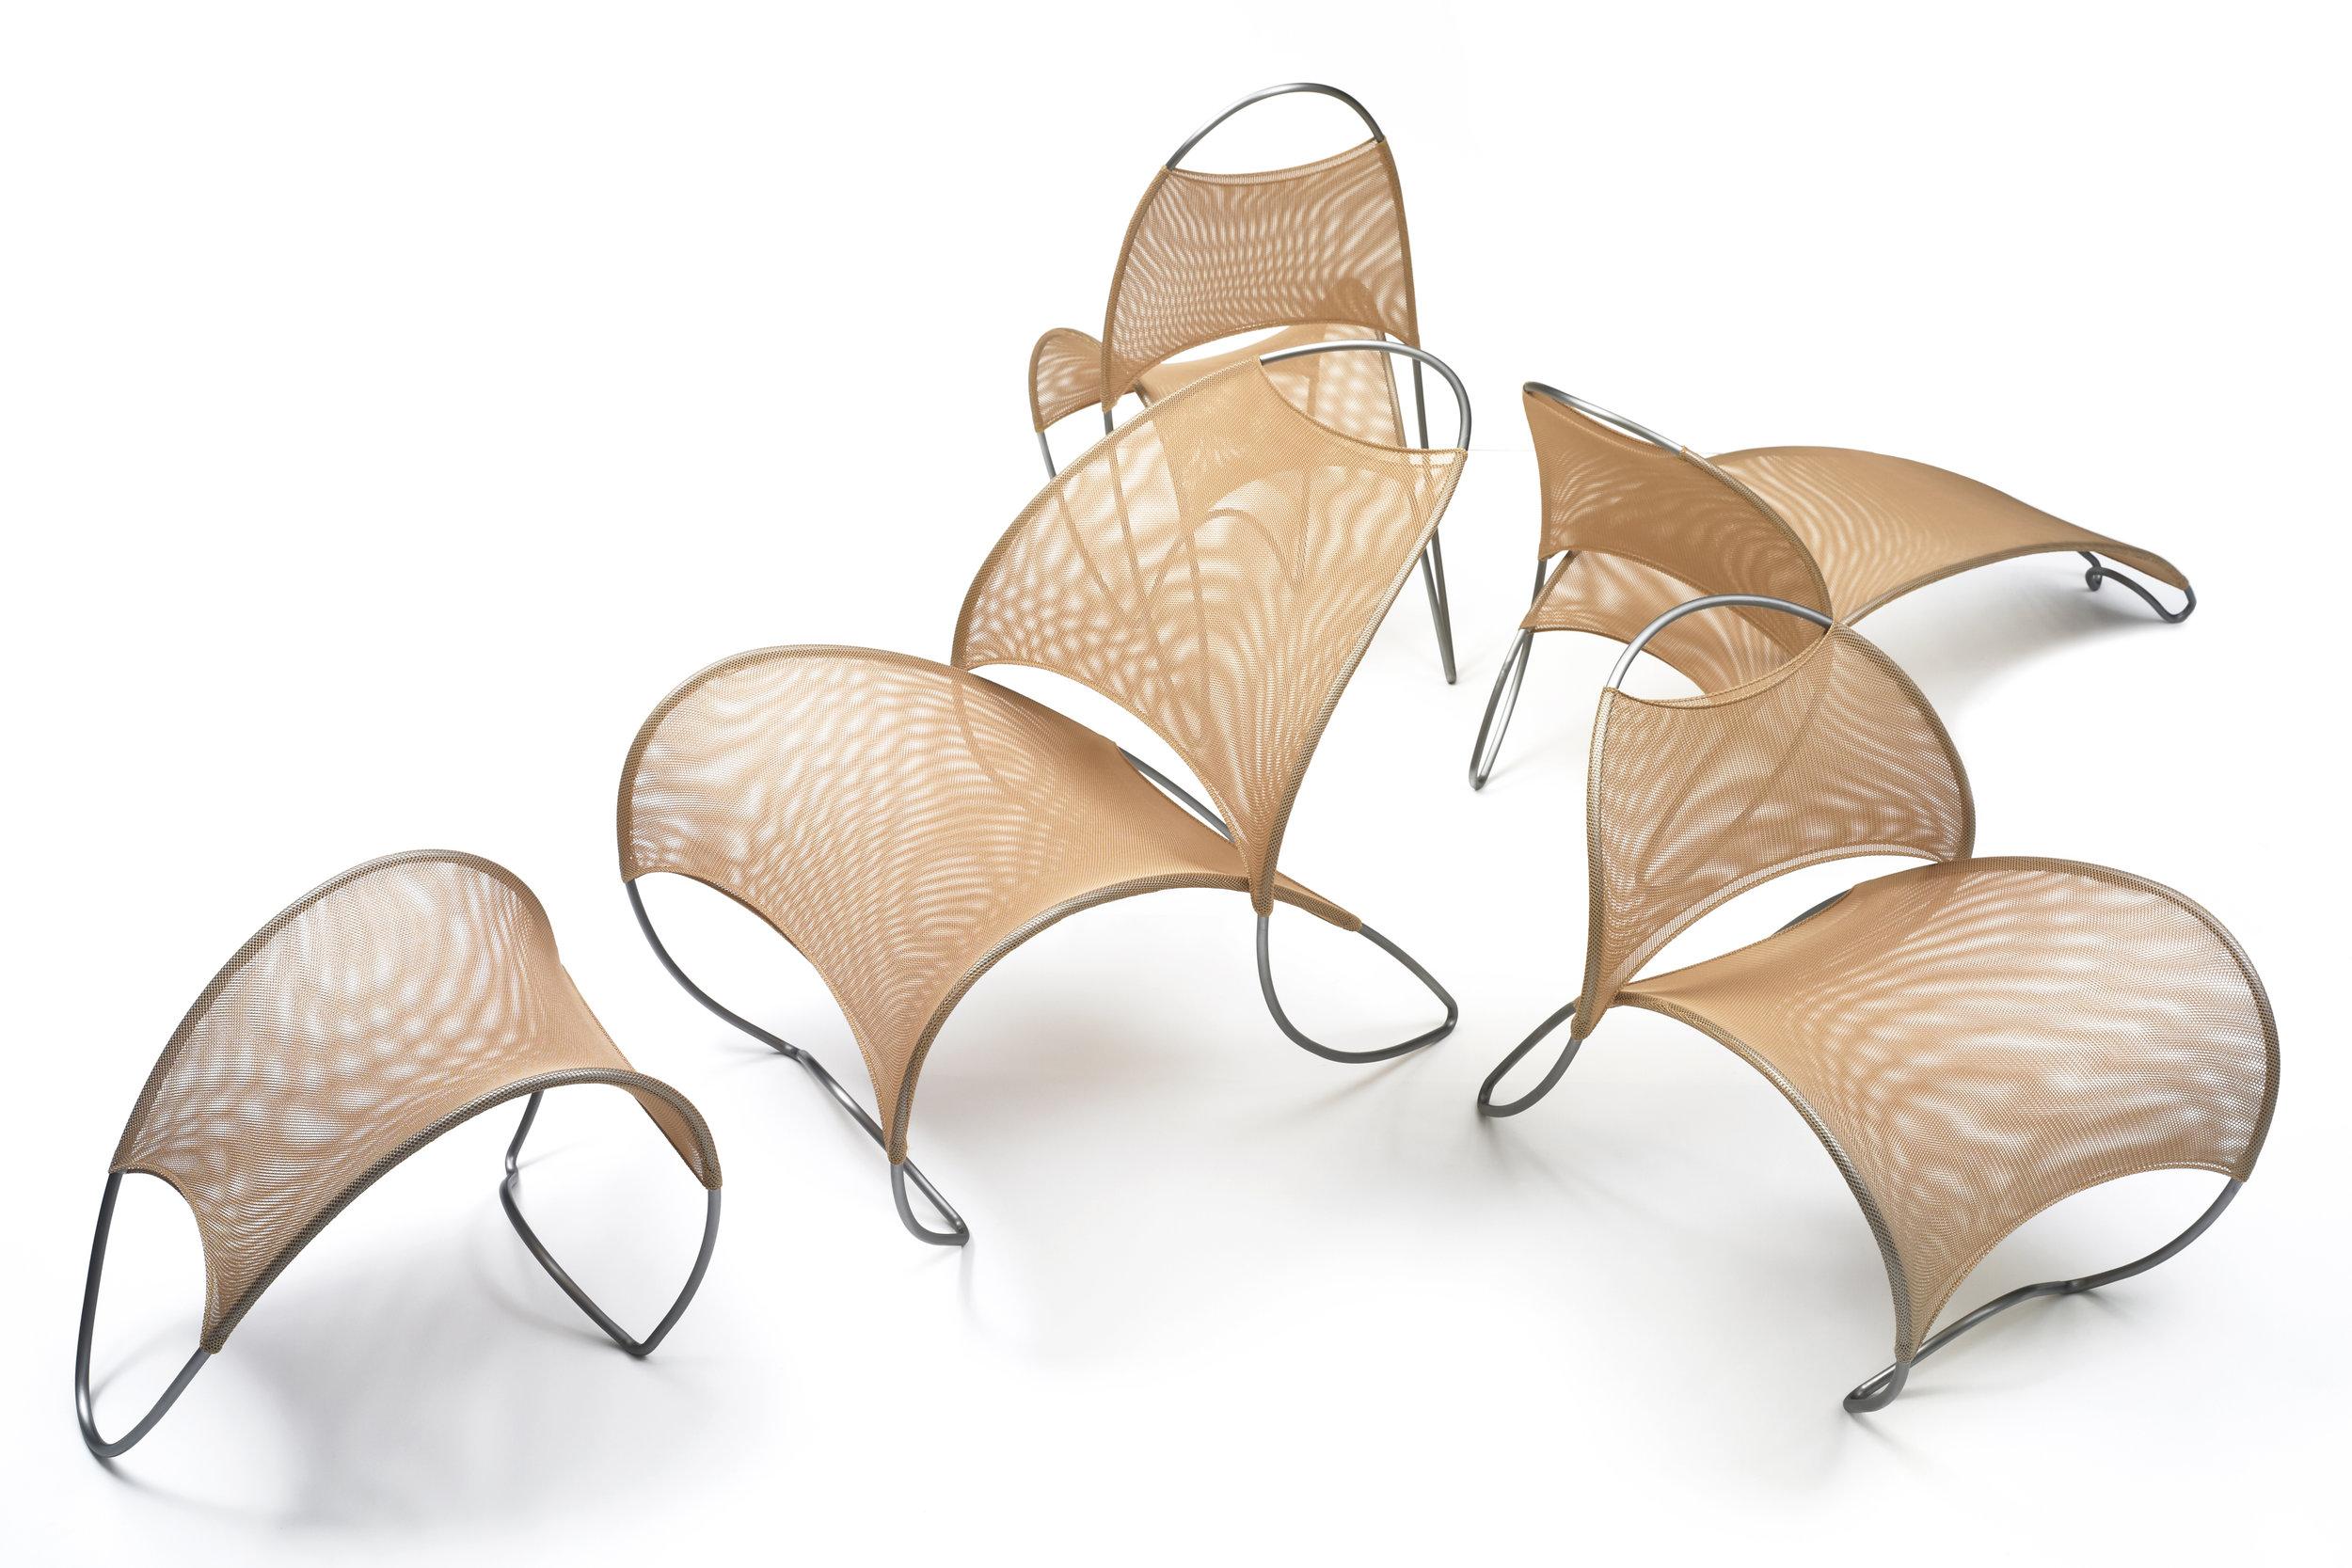 Image courtesy of William Pedersen Designs